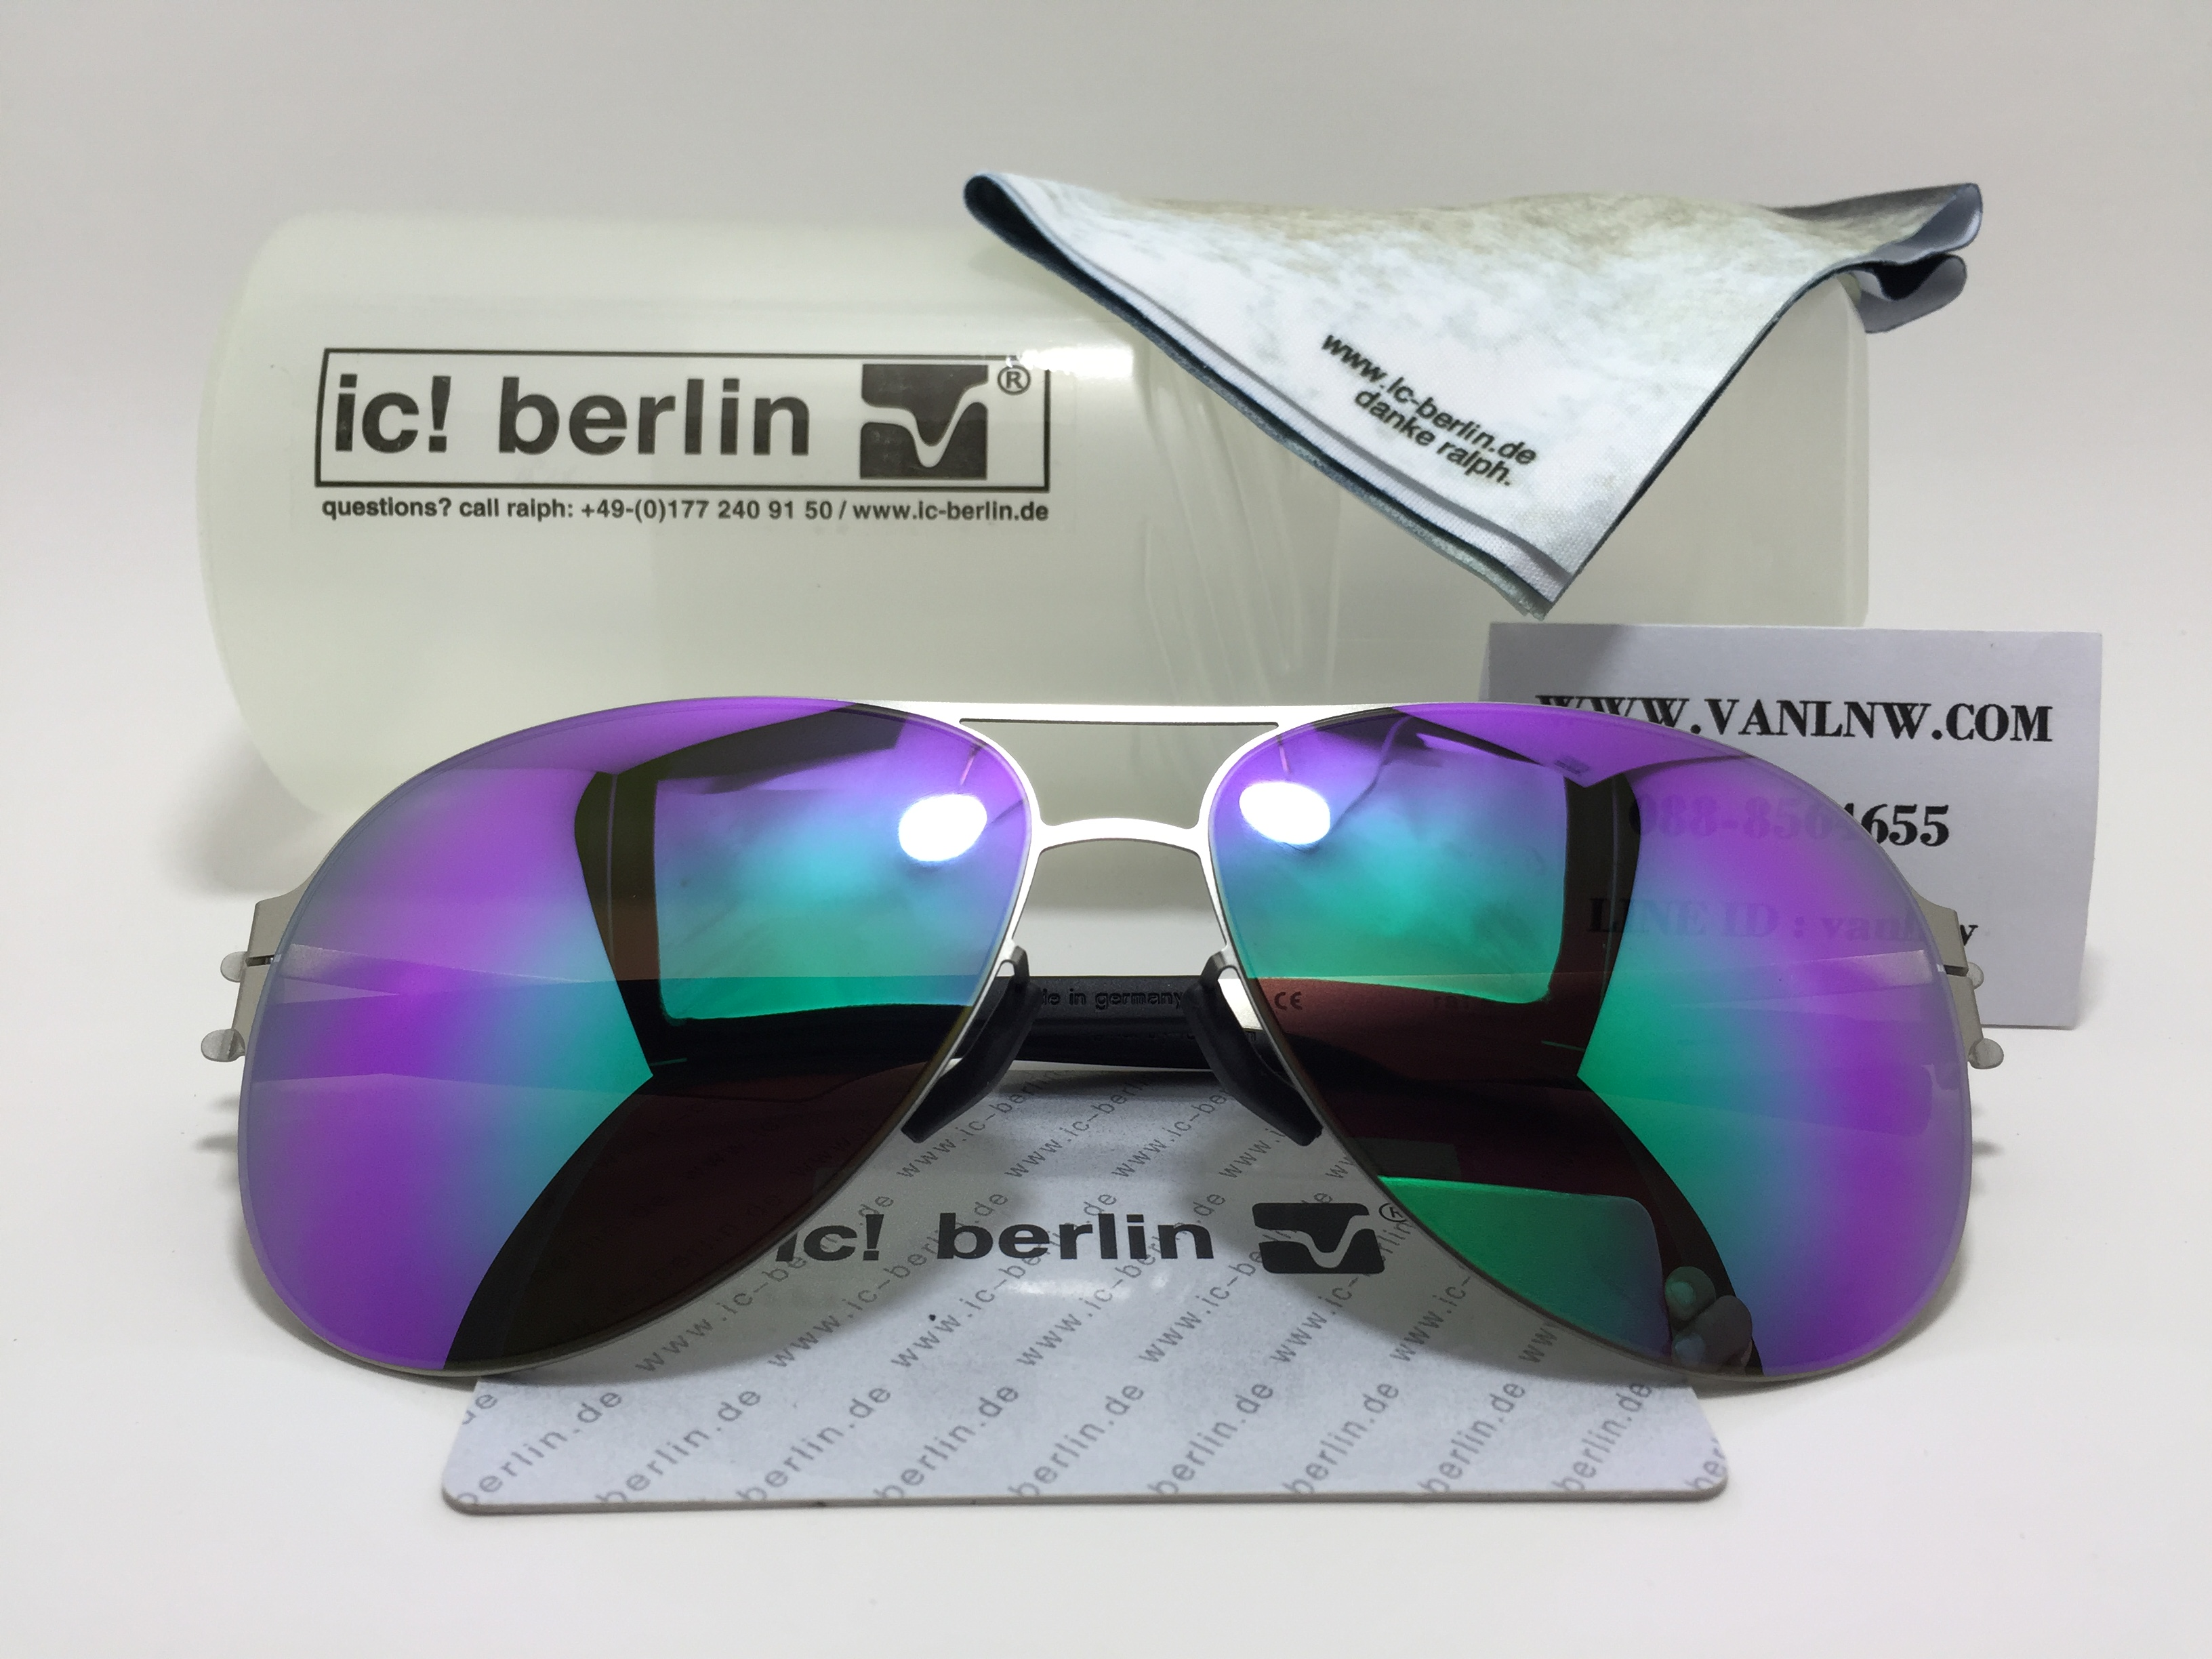 แว่นกันแดด ic berlin raf s. pearl